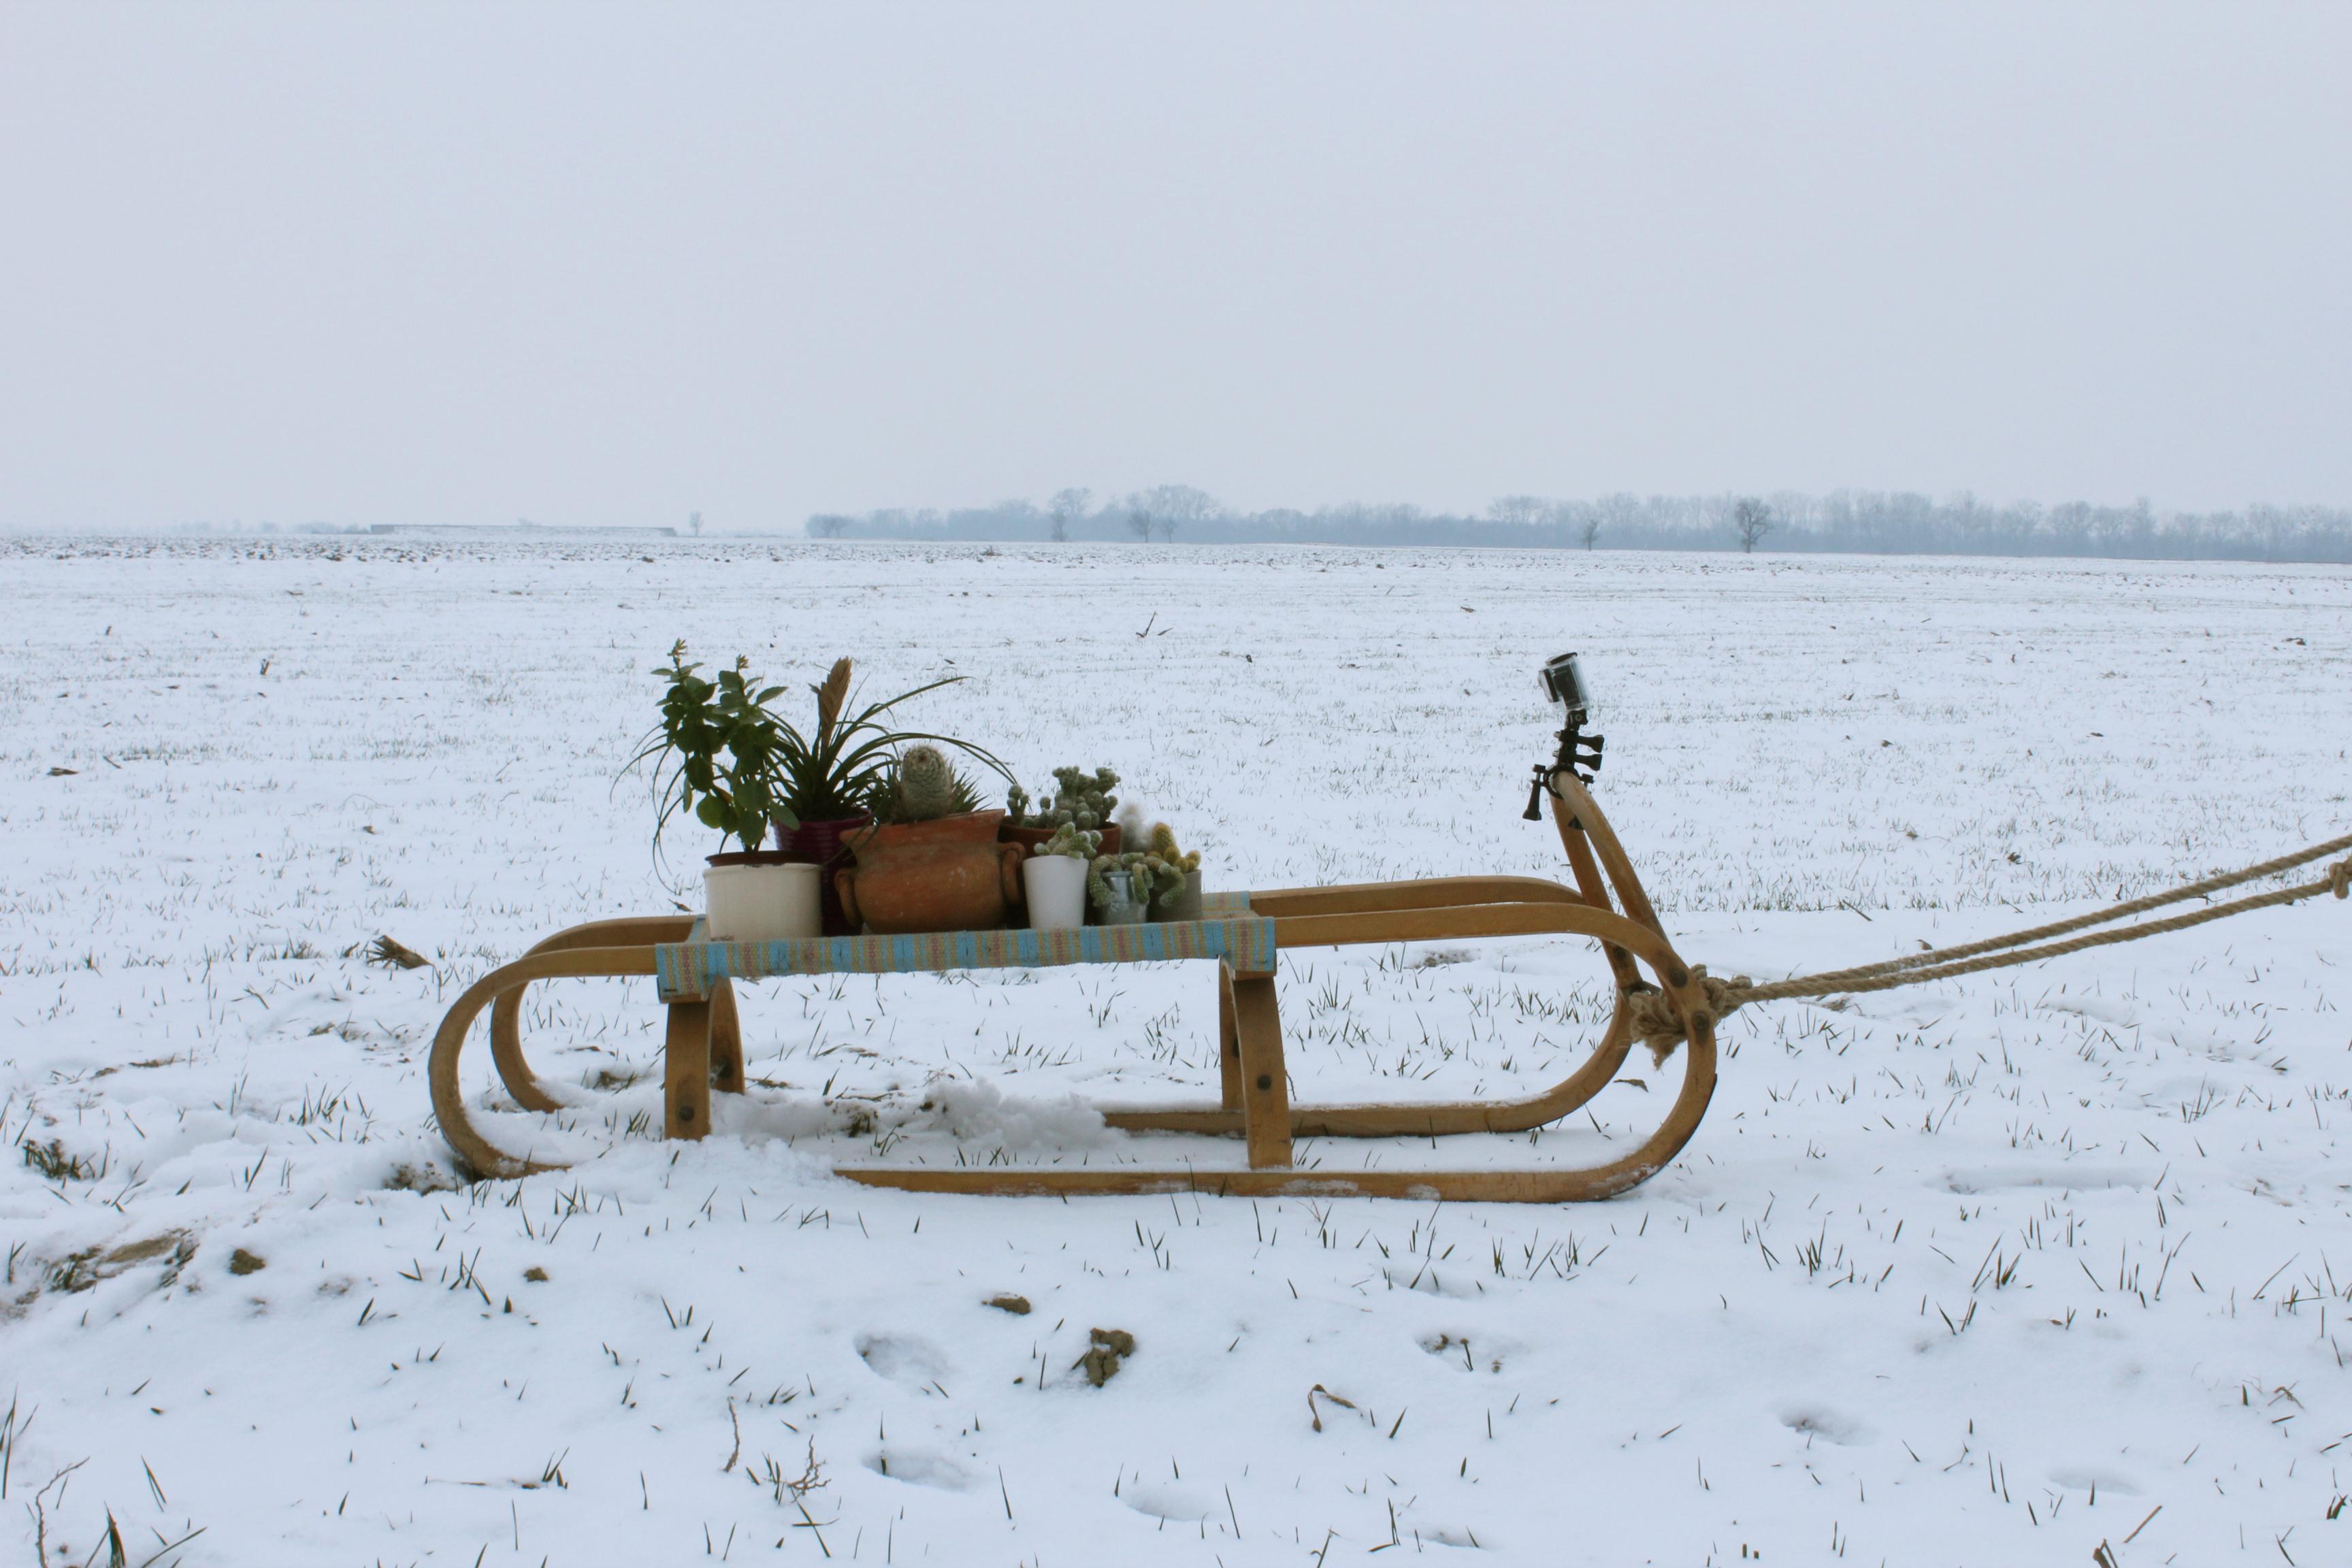 winterisation